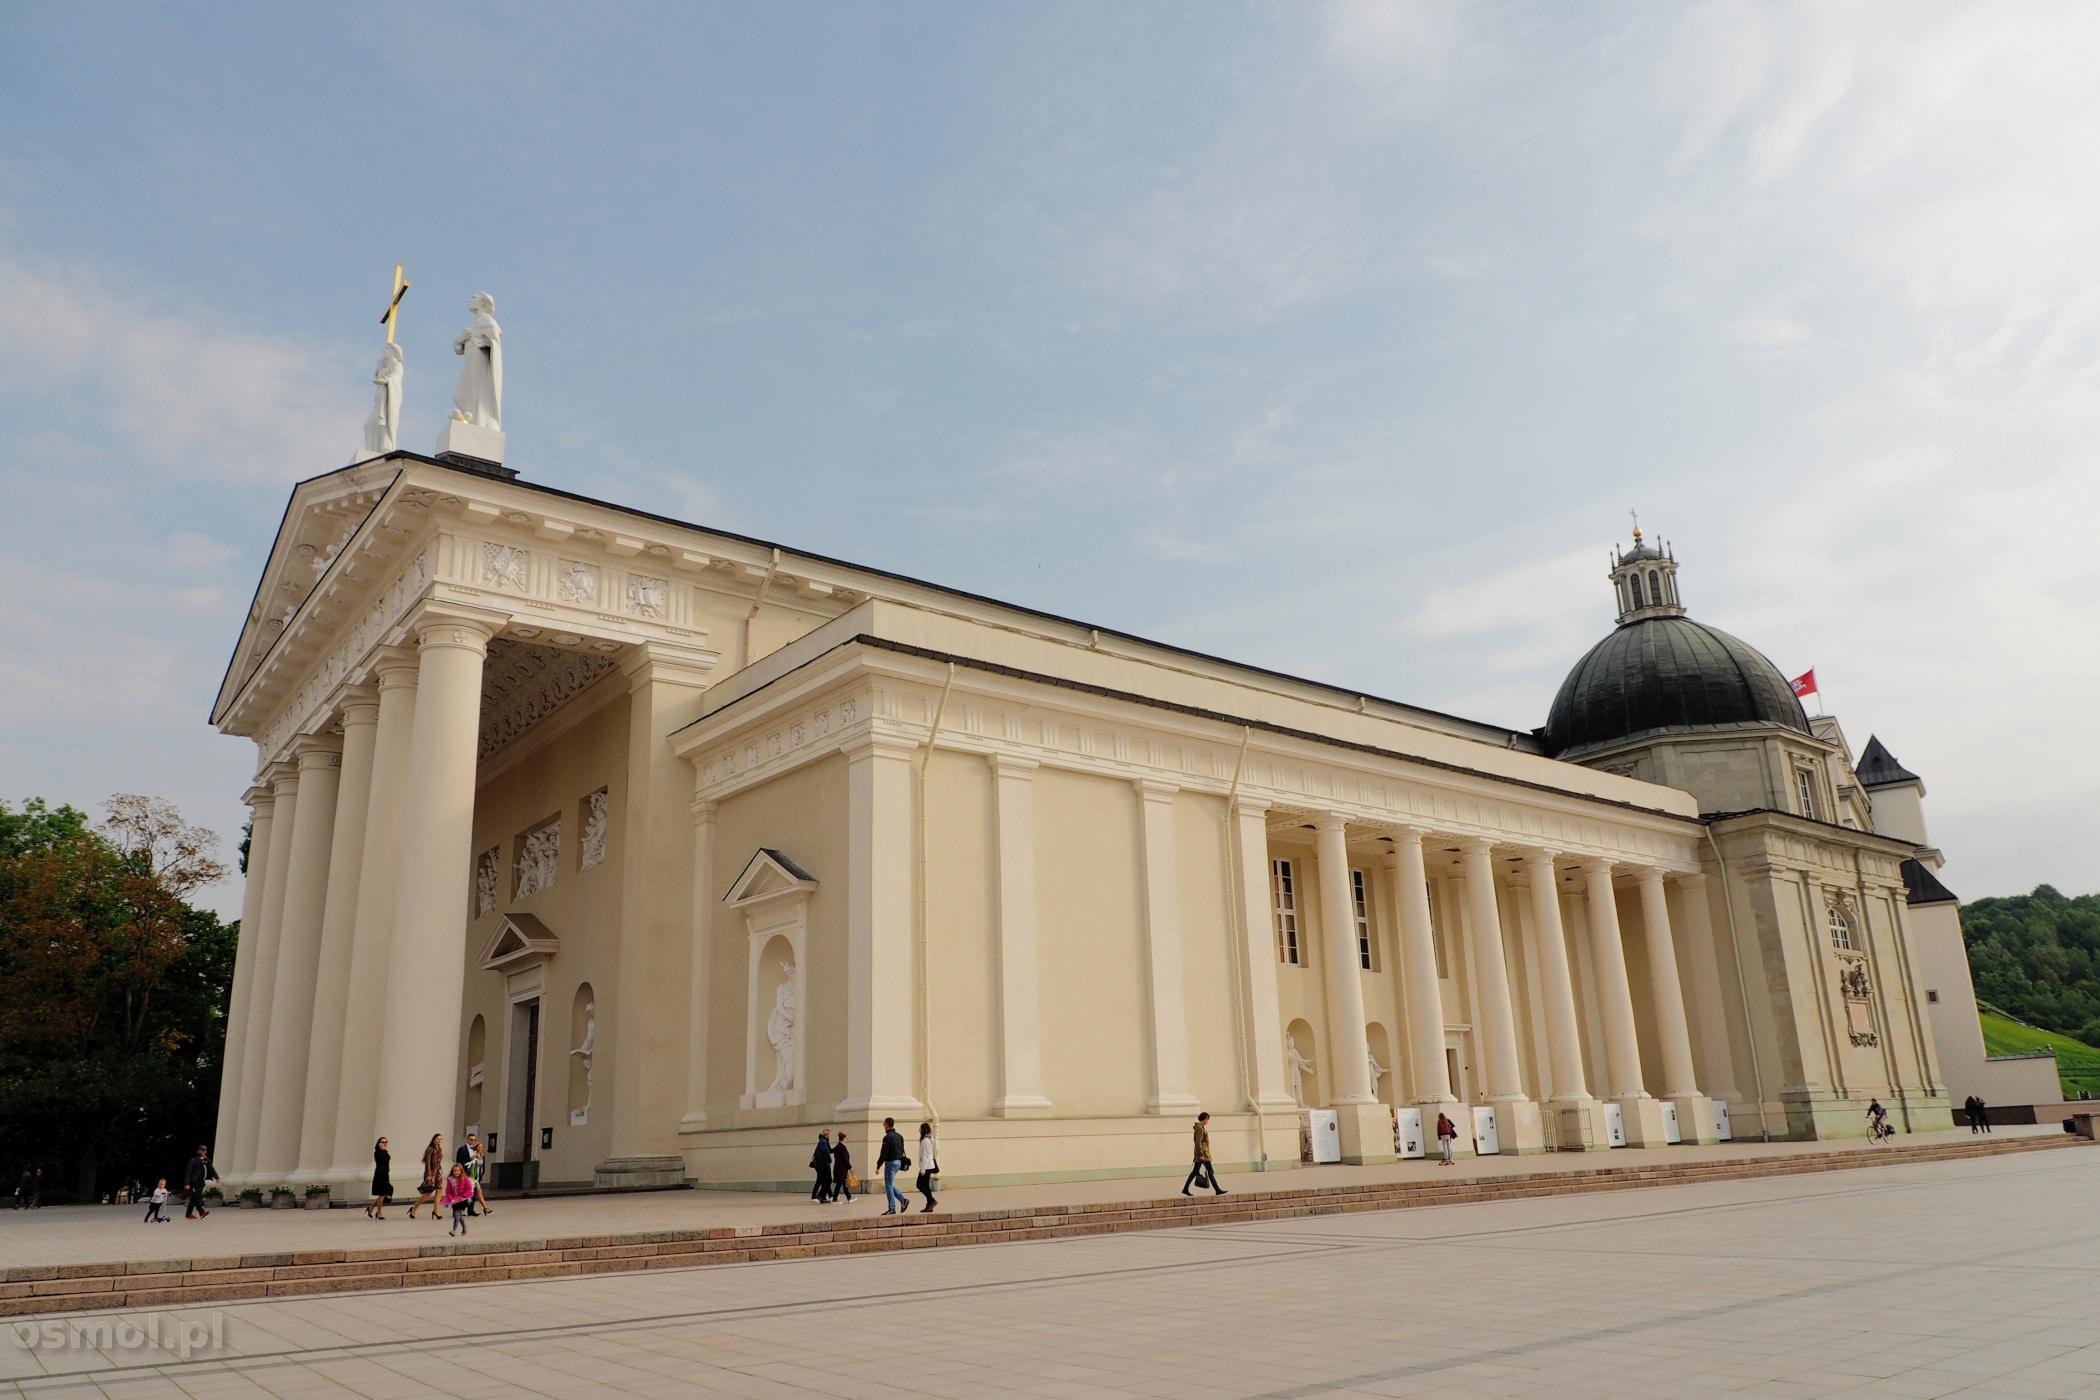 Katedra w Wilnie